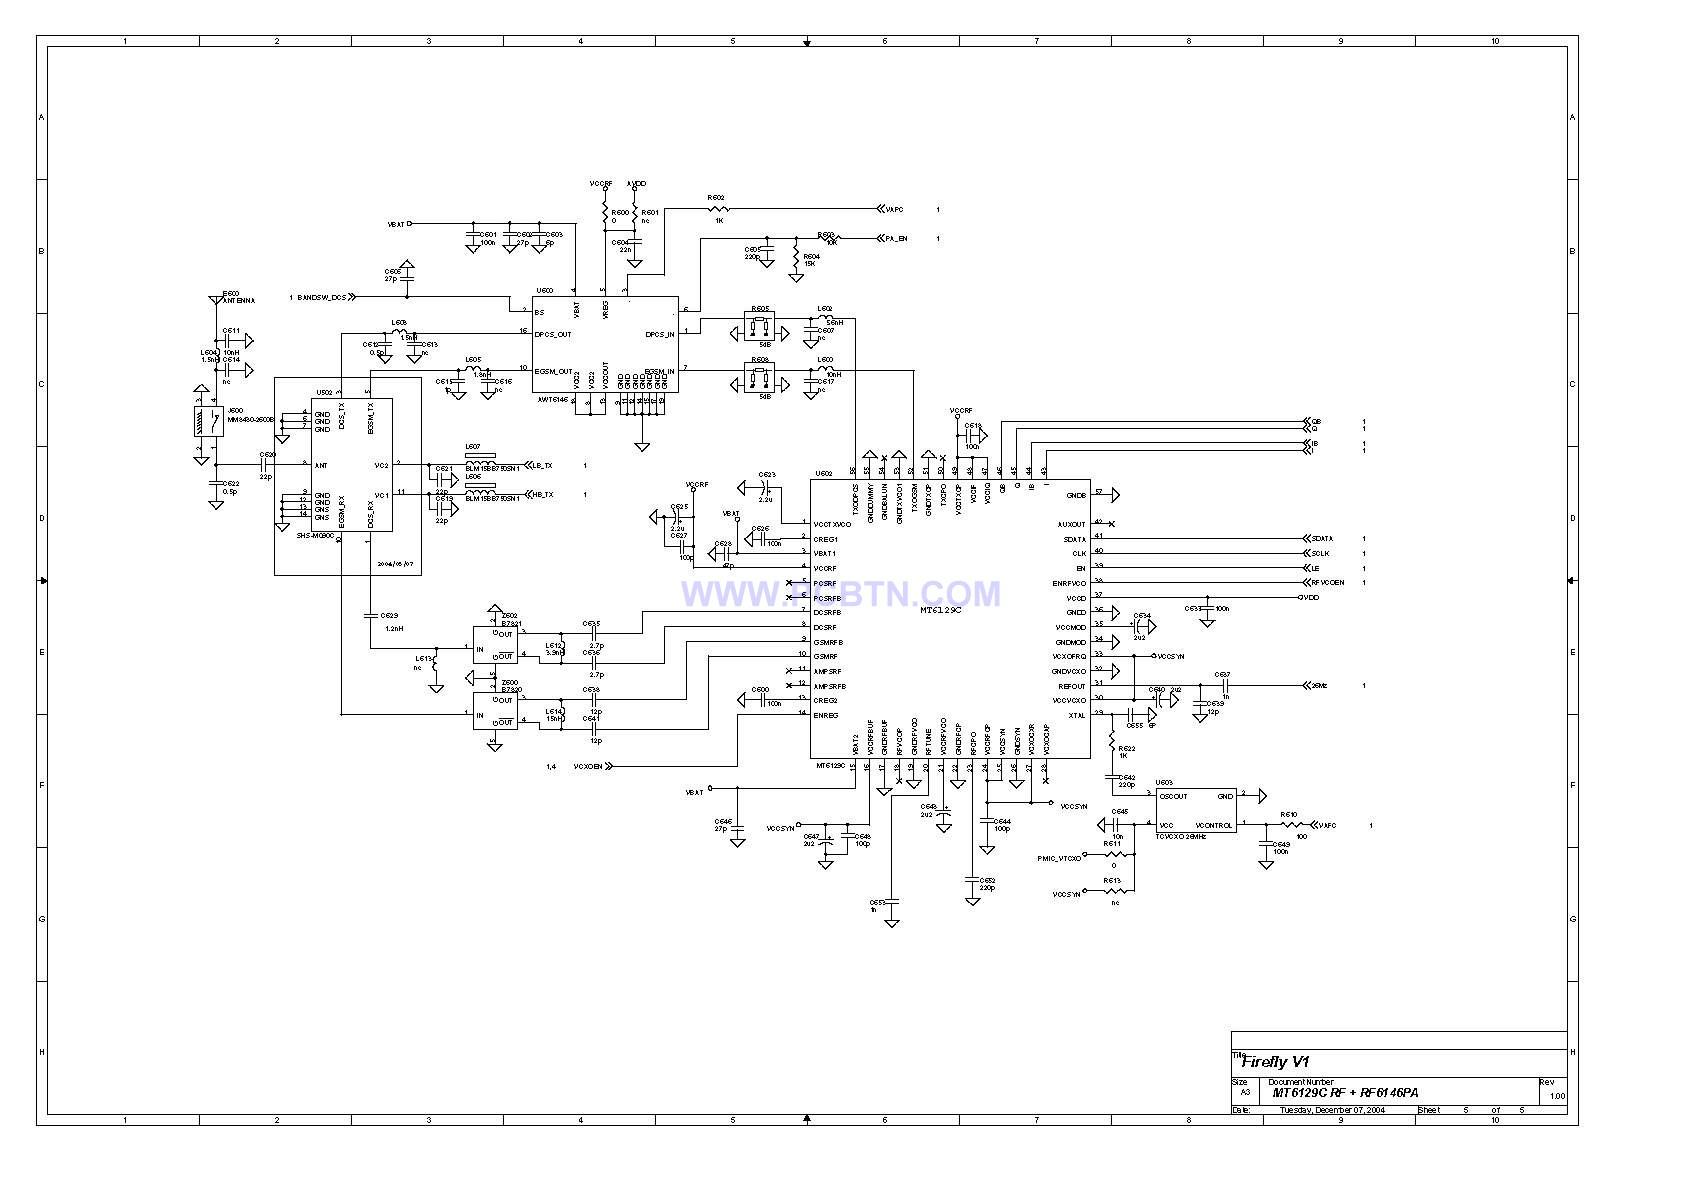 托普电路图设计top968,656 5